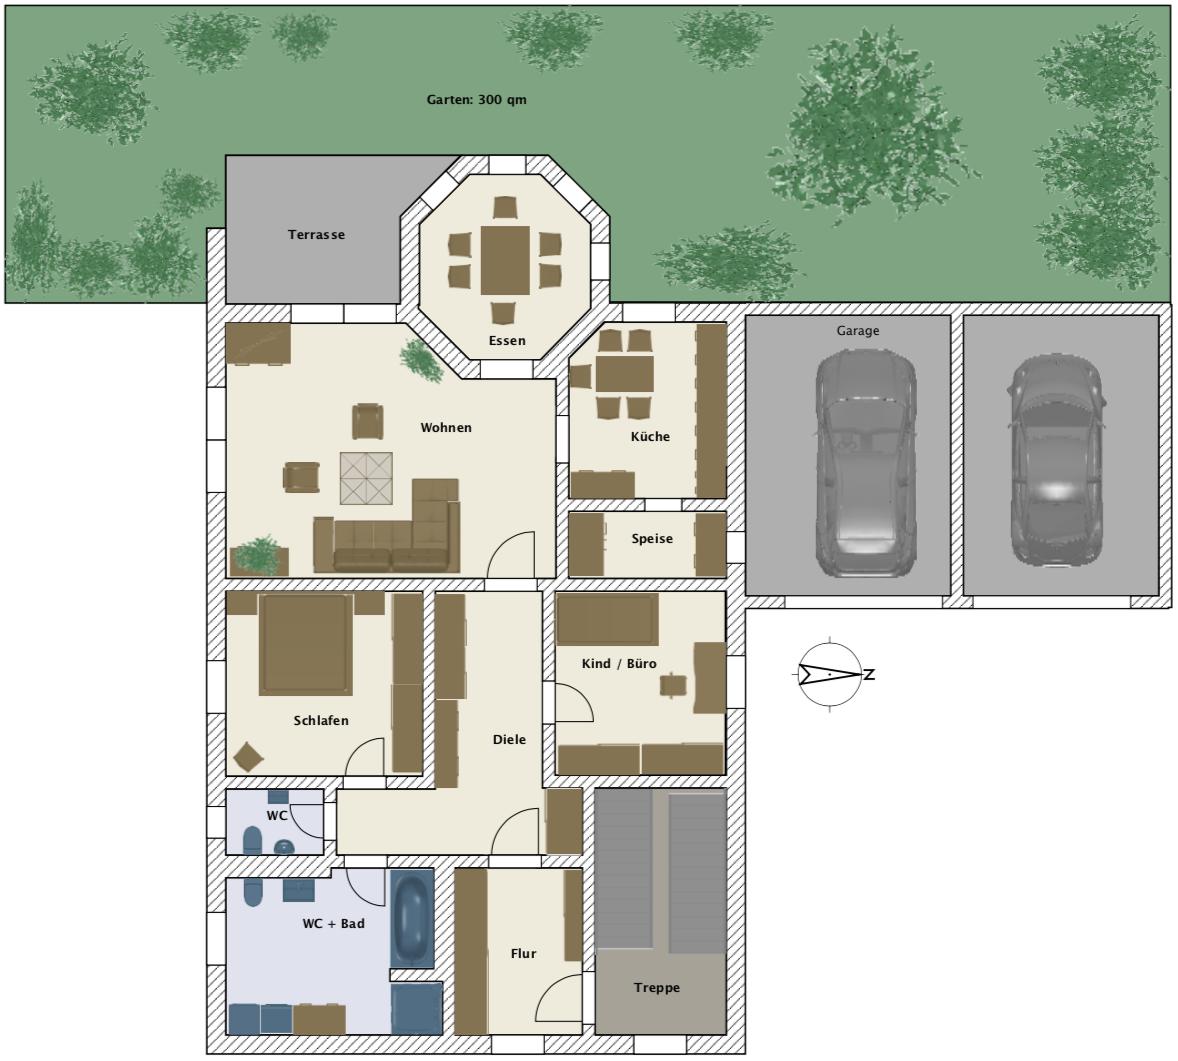 3,5-Zimmer Wohnung mit Garten in Lappersdorf (bei Regensburg) in Lappersdorf